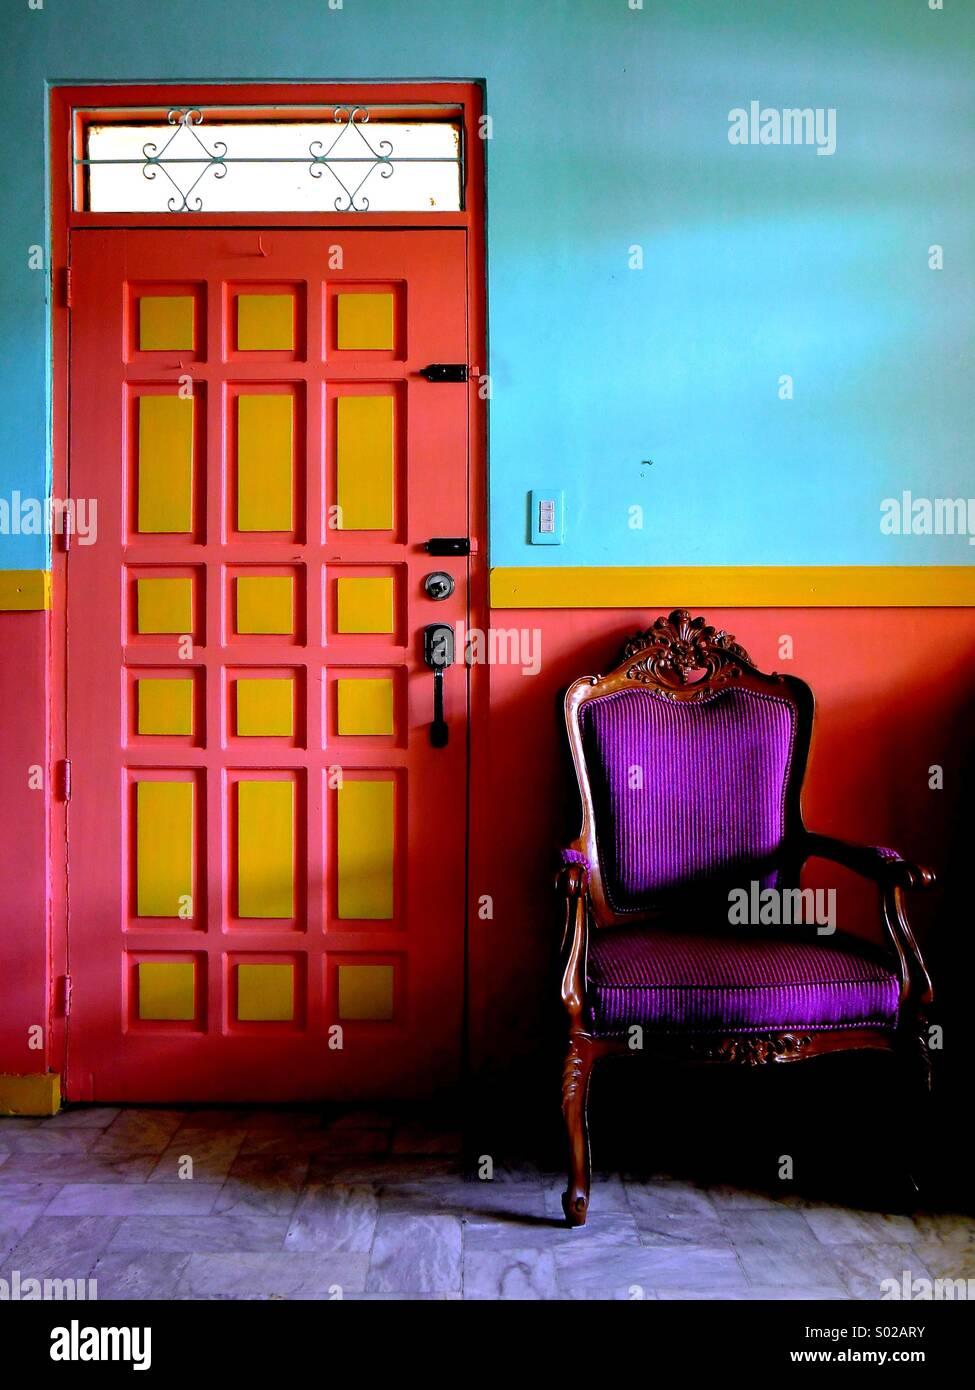 Bunte Wohnzimmer eines Hauses Stockfoto